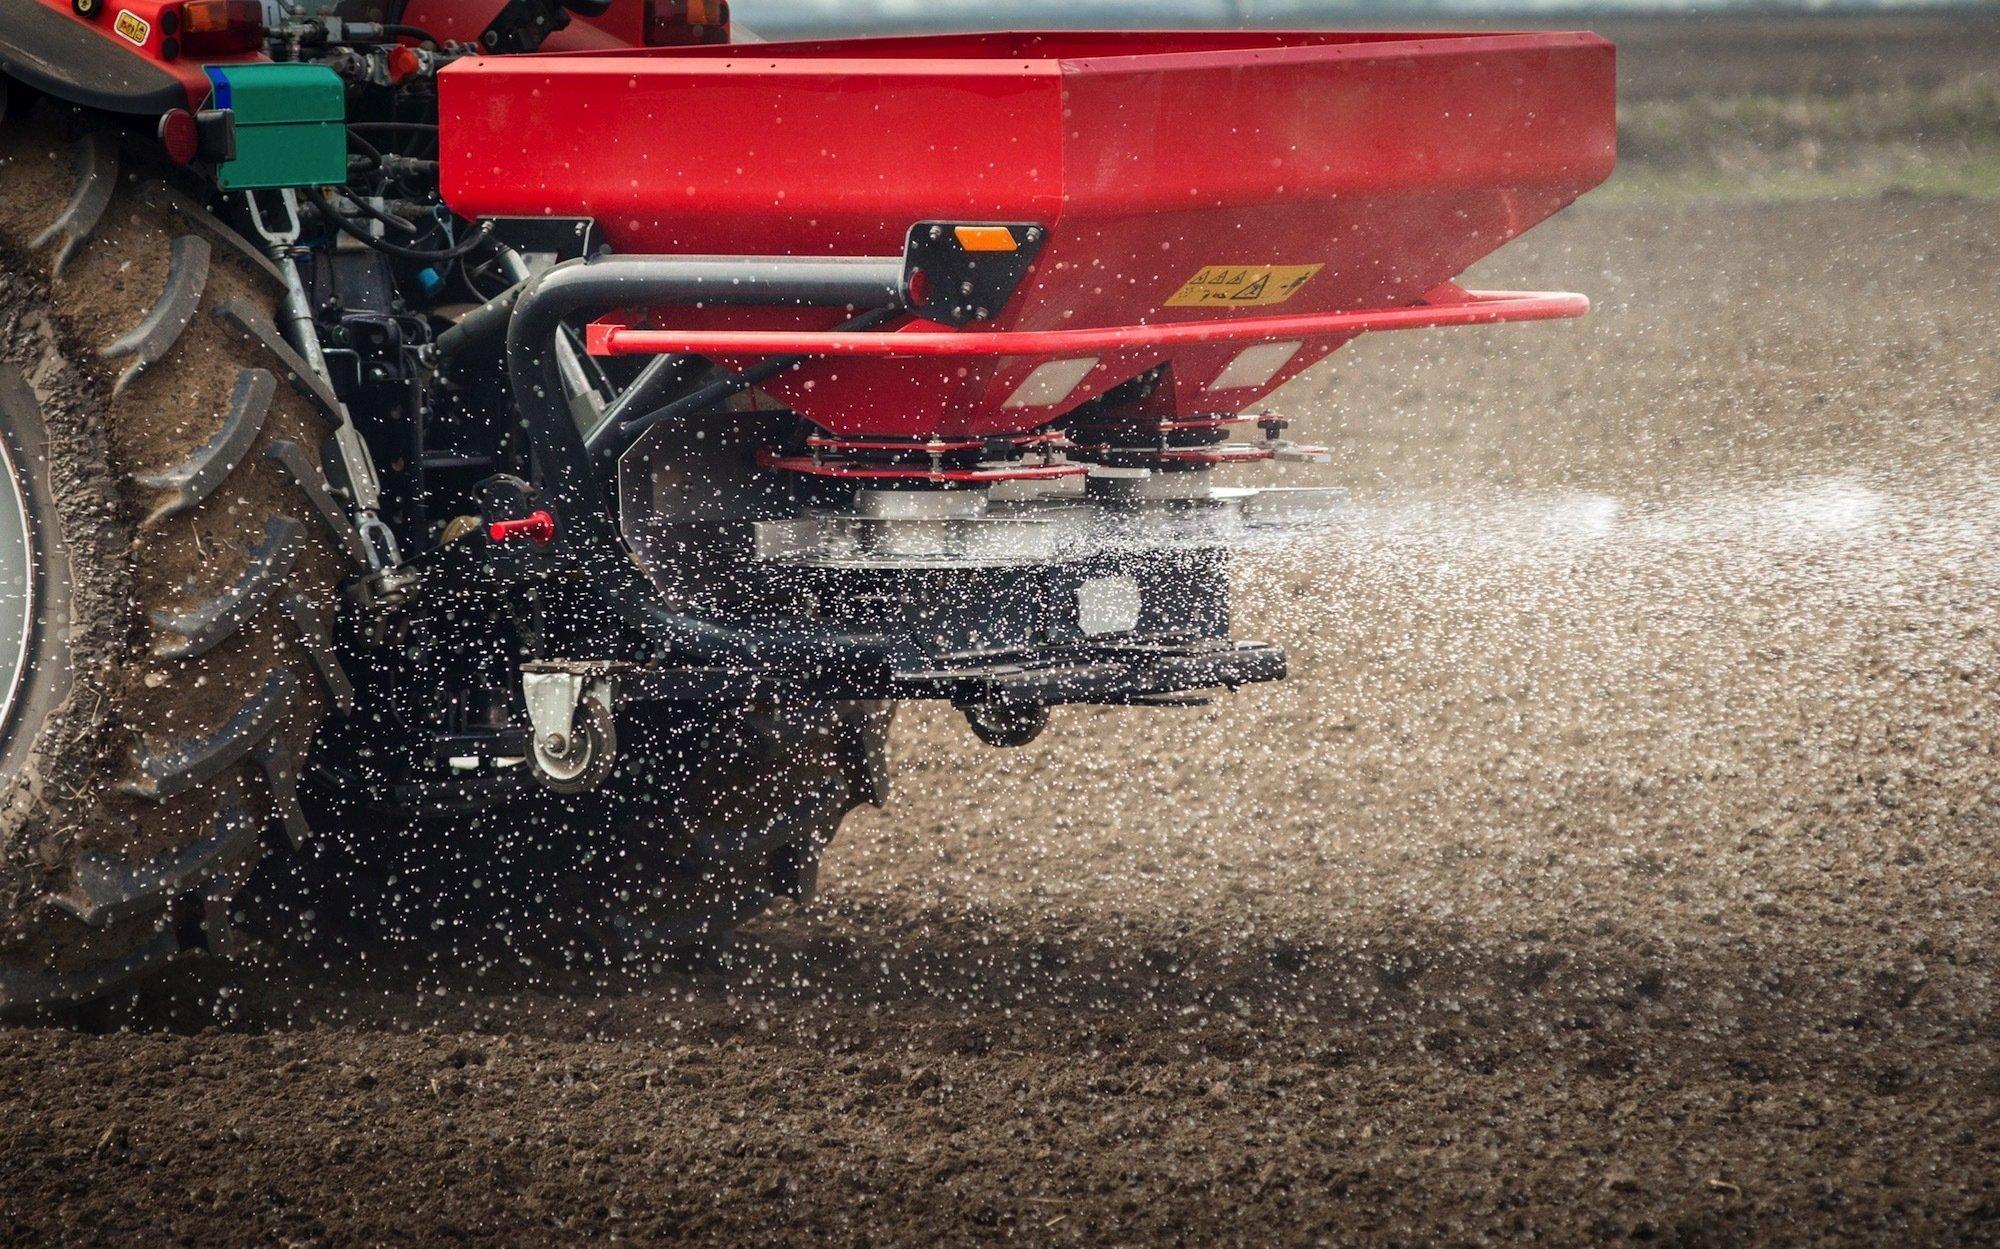 Ein Traktor beim Ausstreuen von Dünger-Granulat.